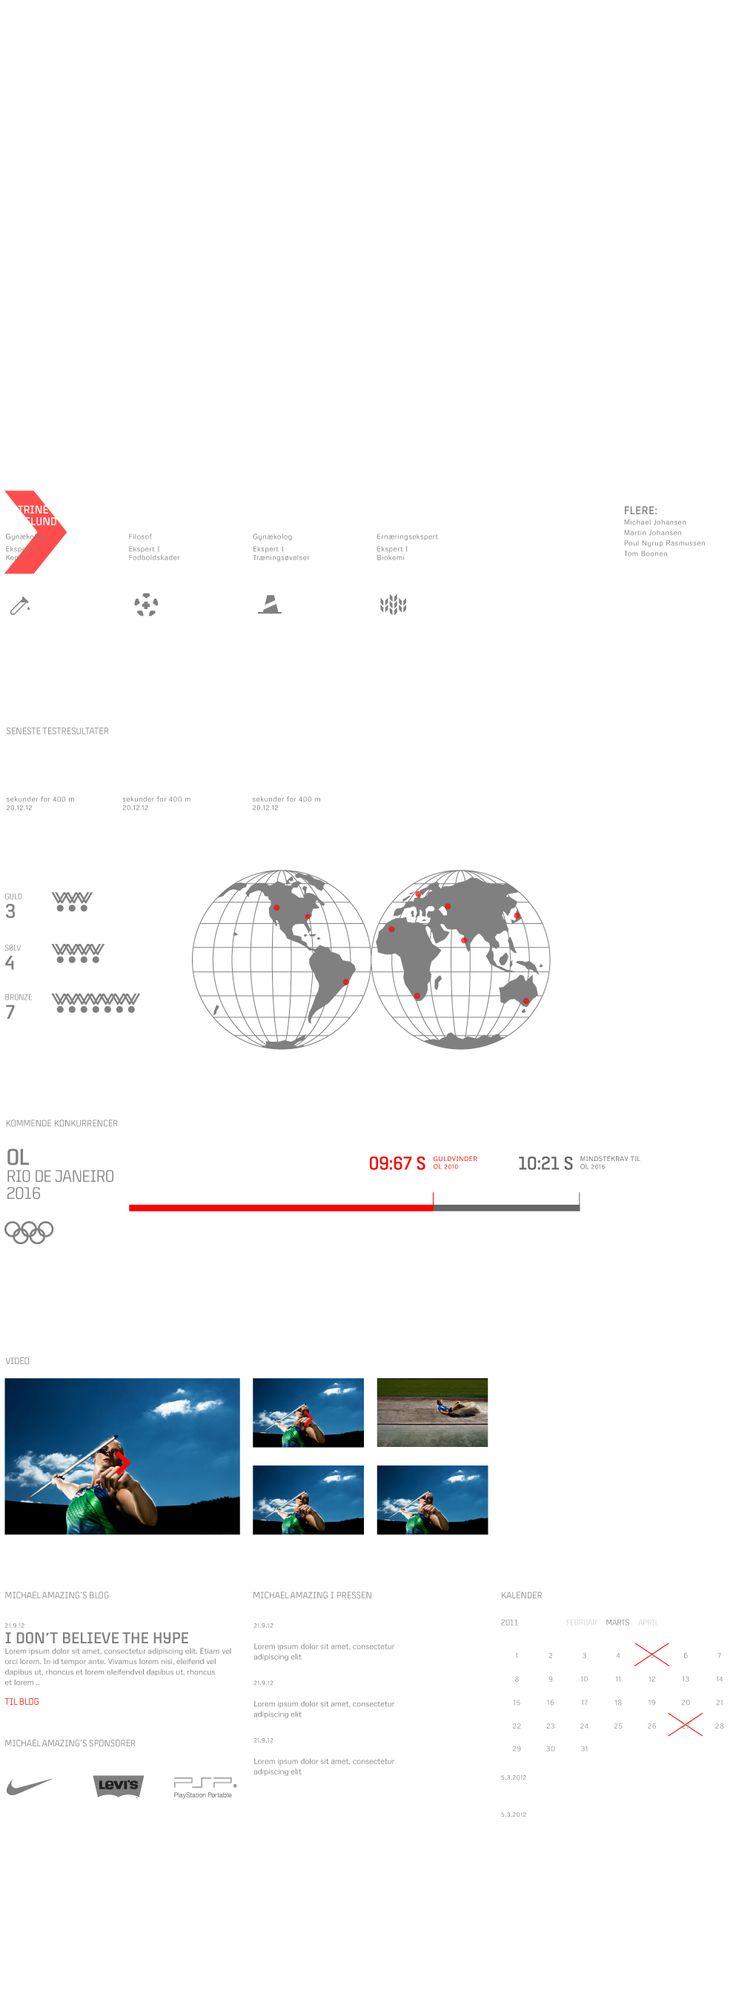 1508 - Team Danmark. Team Danmark går efter guldet. Vi deltog i kampen med en ny digital strategi, som får deres daglige benarbejde til at flugte 100 % med den samlede digitale tilstedeværelse.